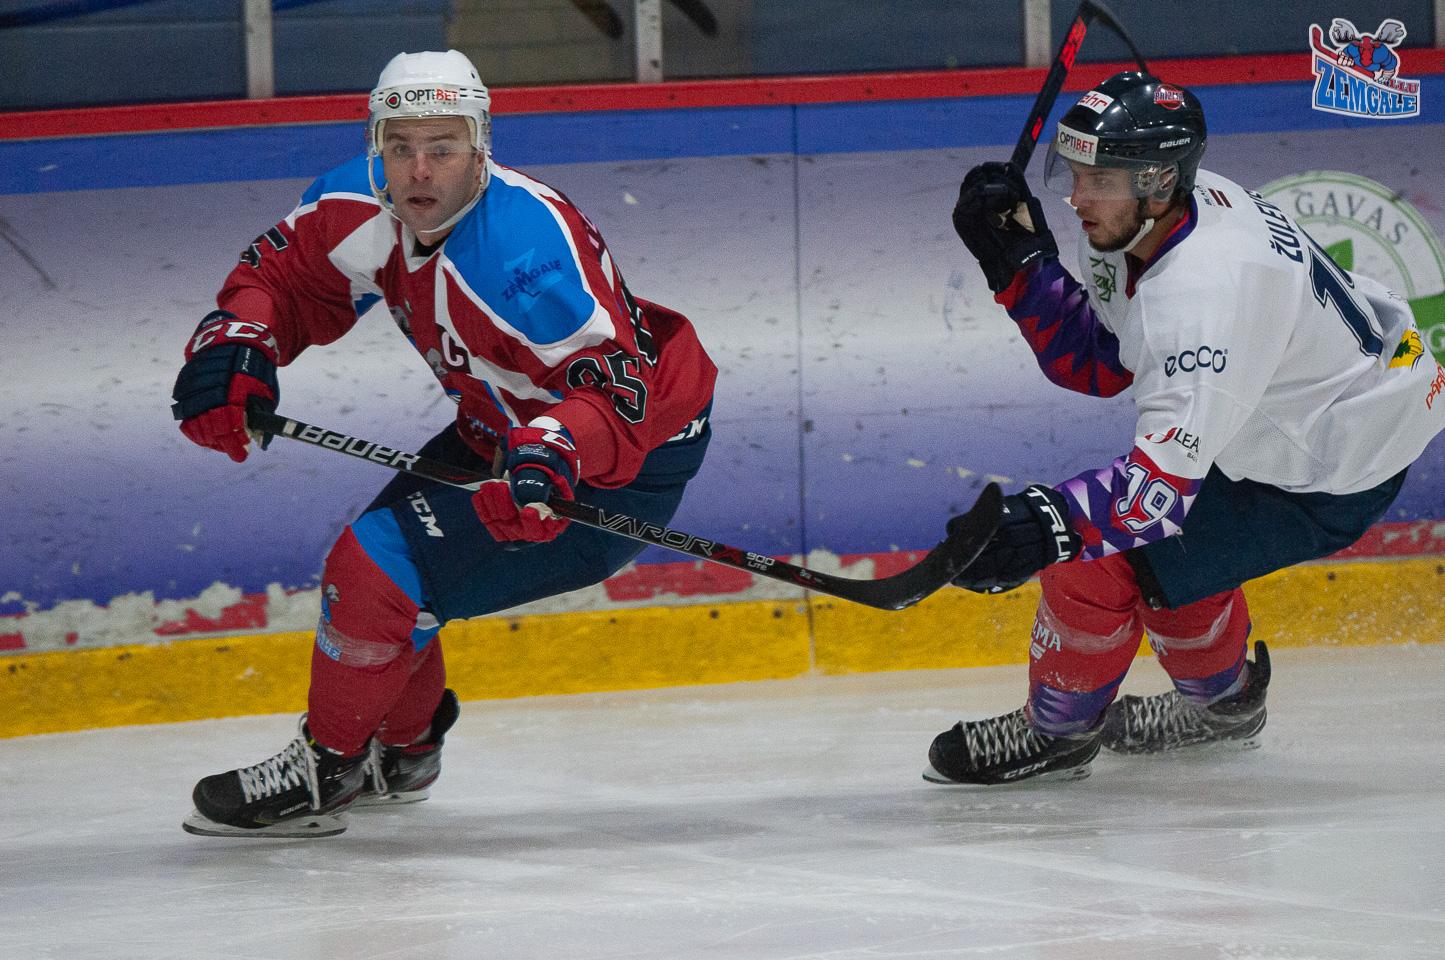 Hokejisti ar nūjām slido viens aiz otra